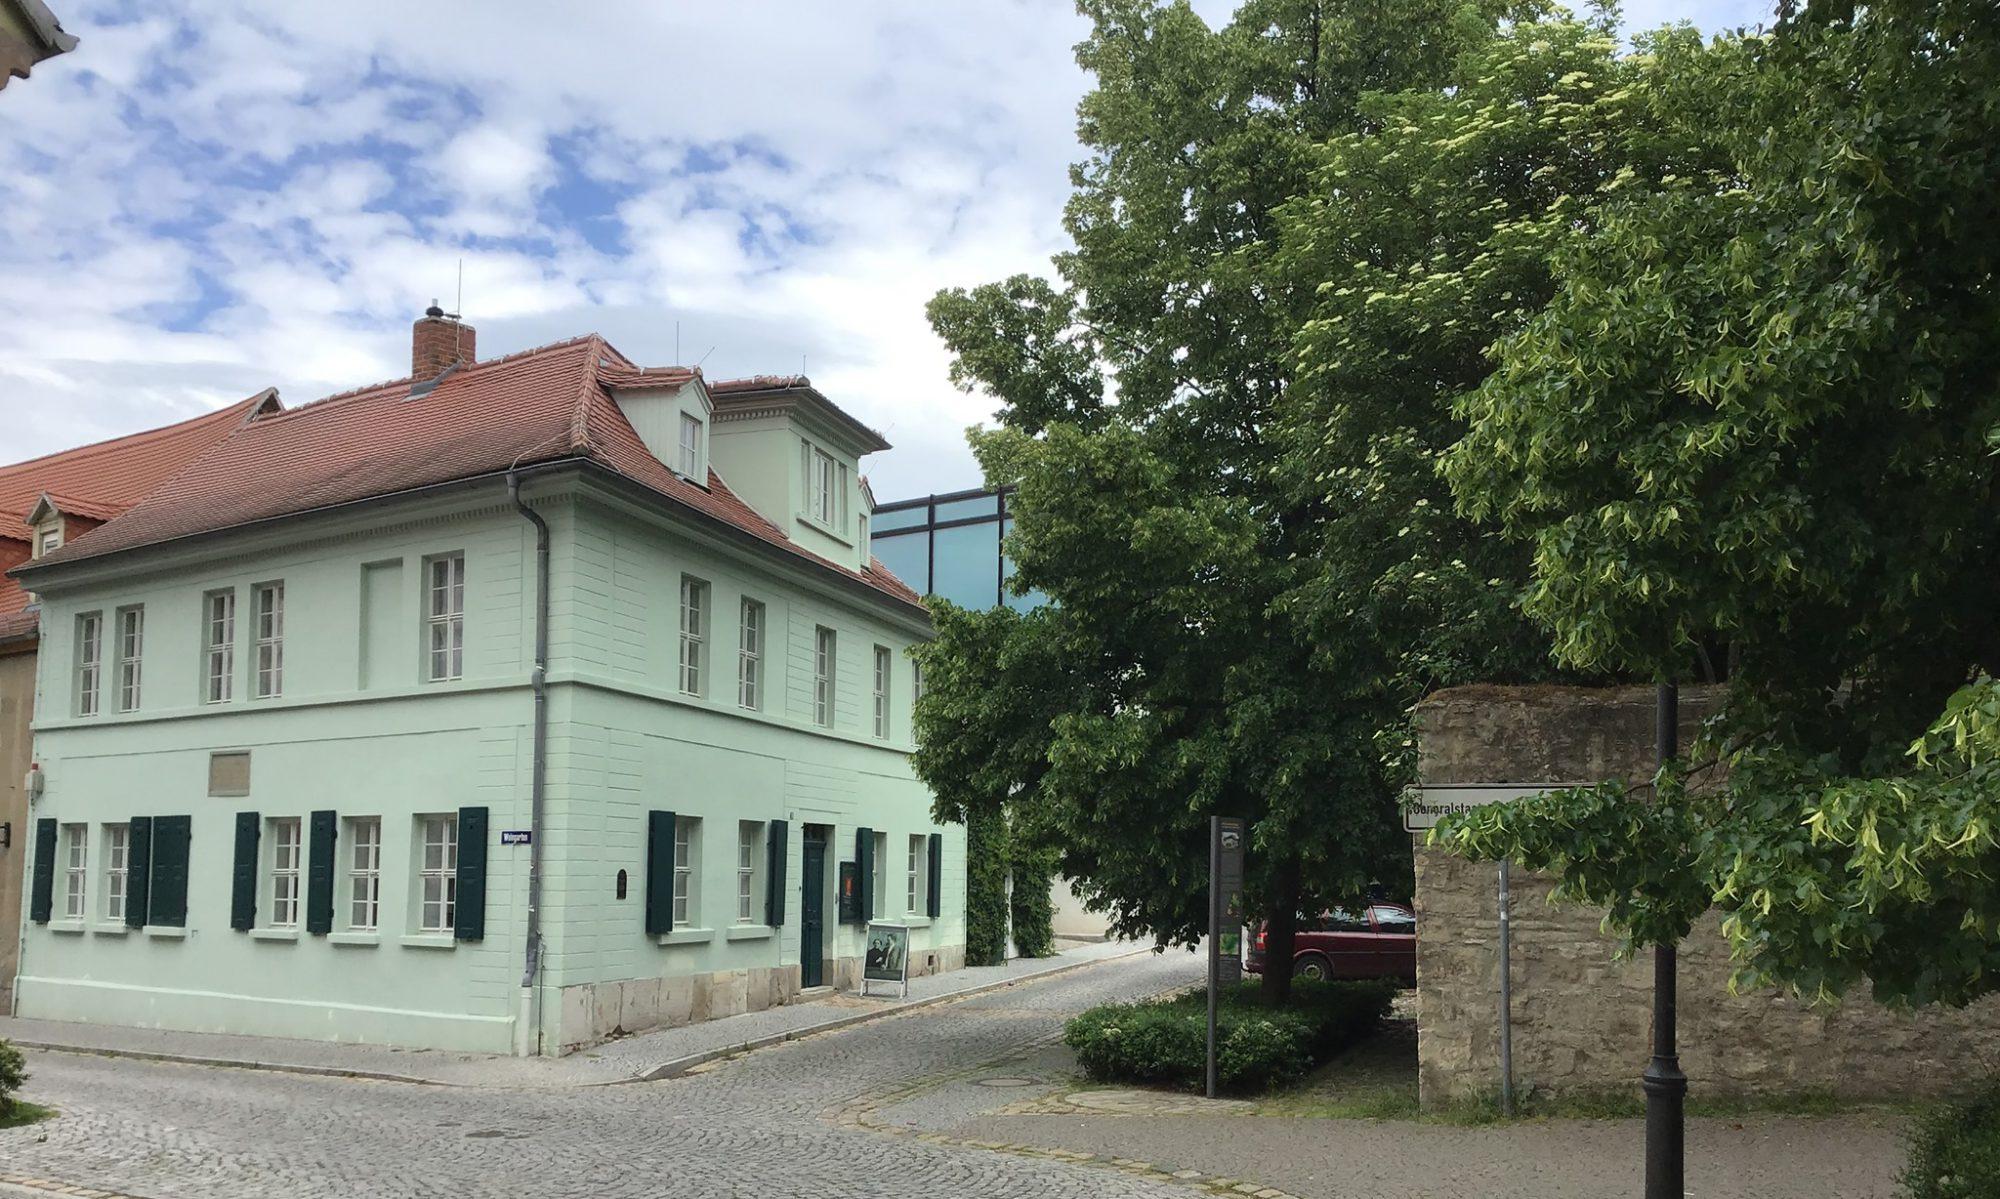 nietzschehaus.de